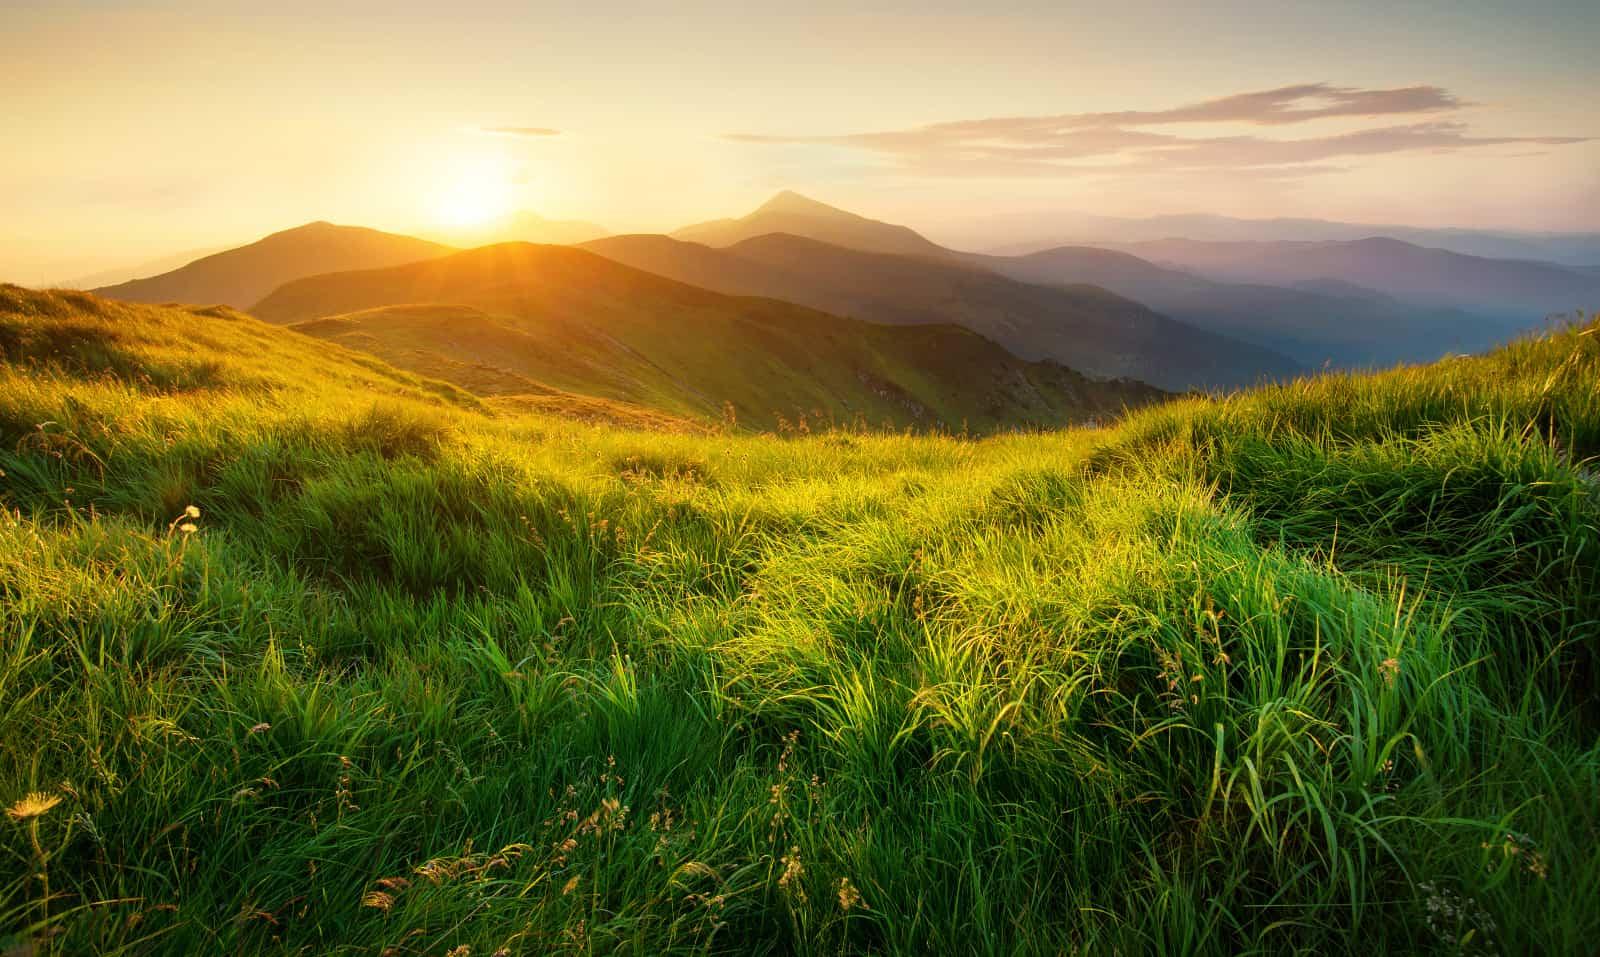 krajobraz_gorski